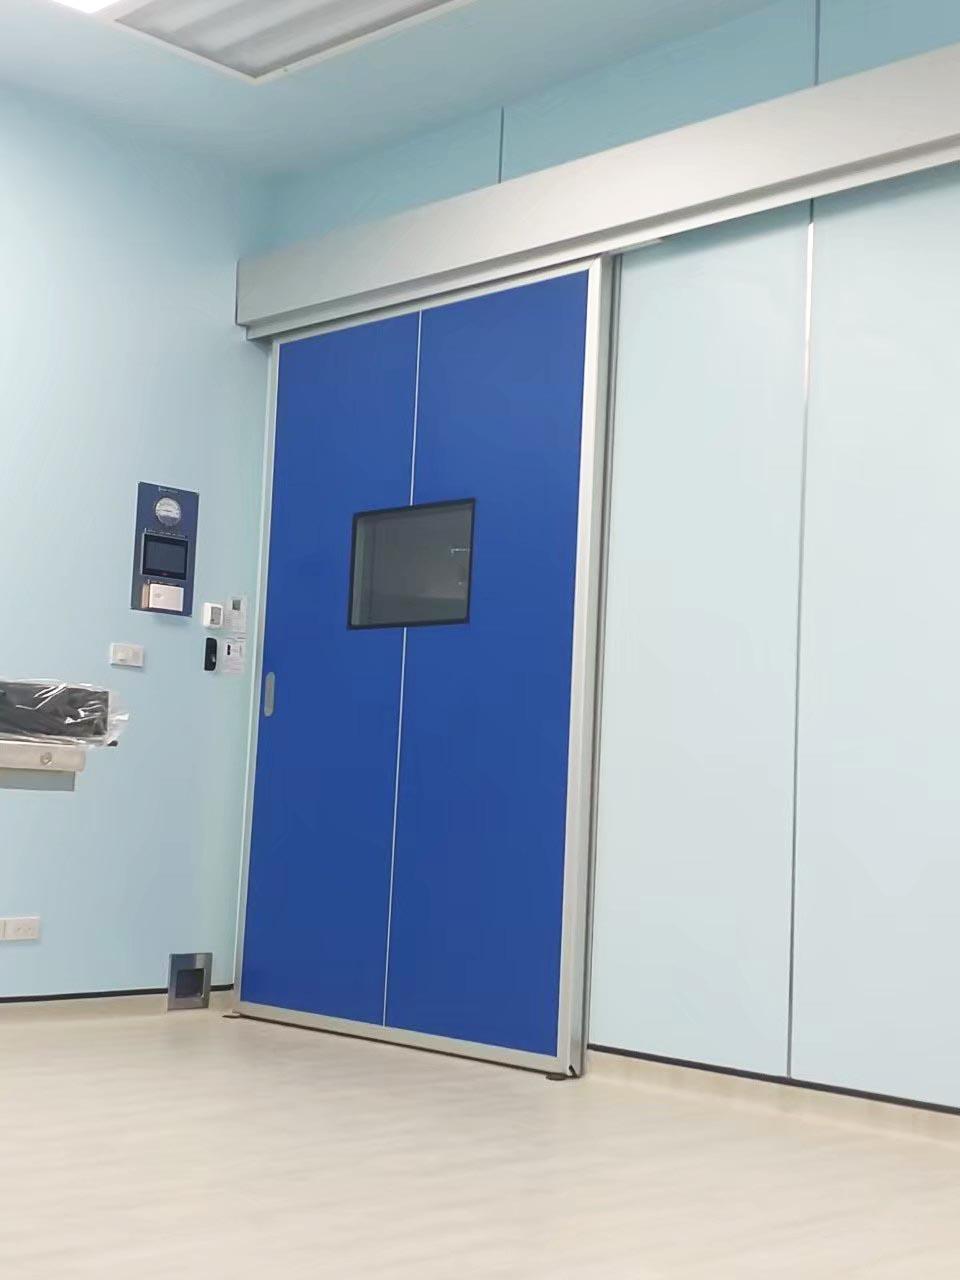 โรงพยาบาลบางเลน_210503_5